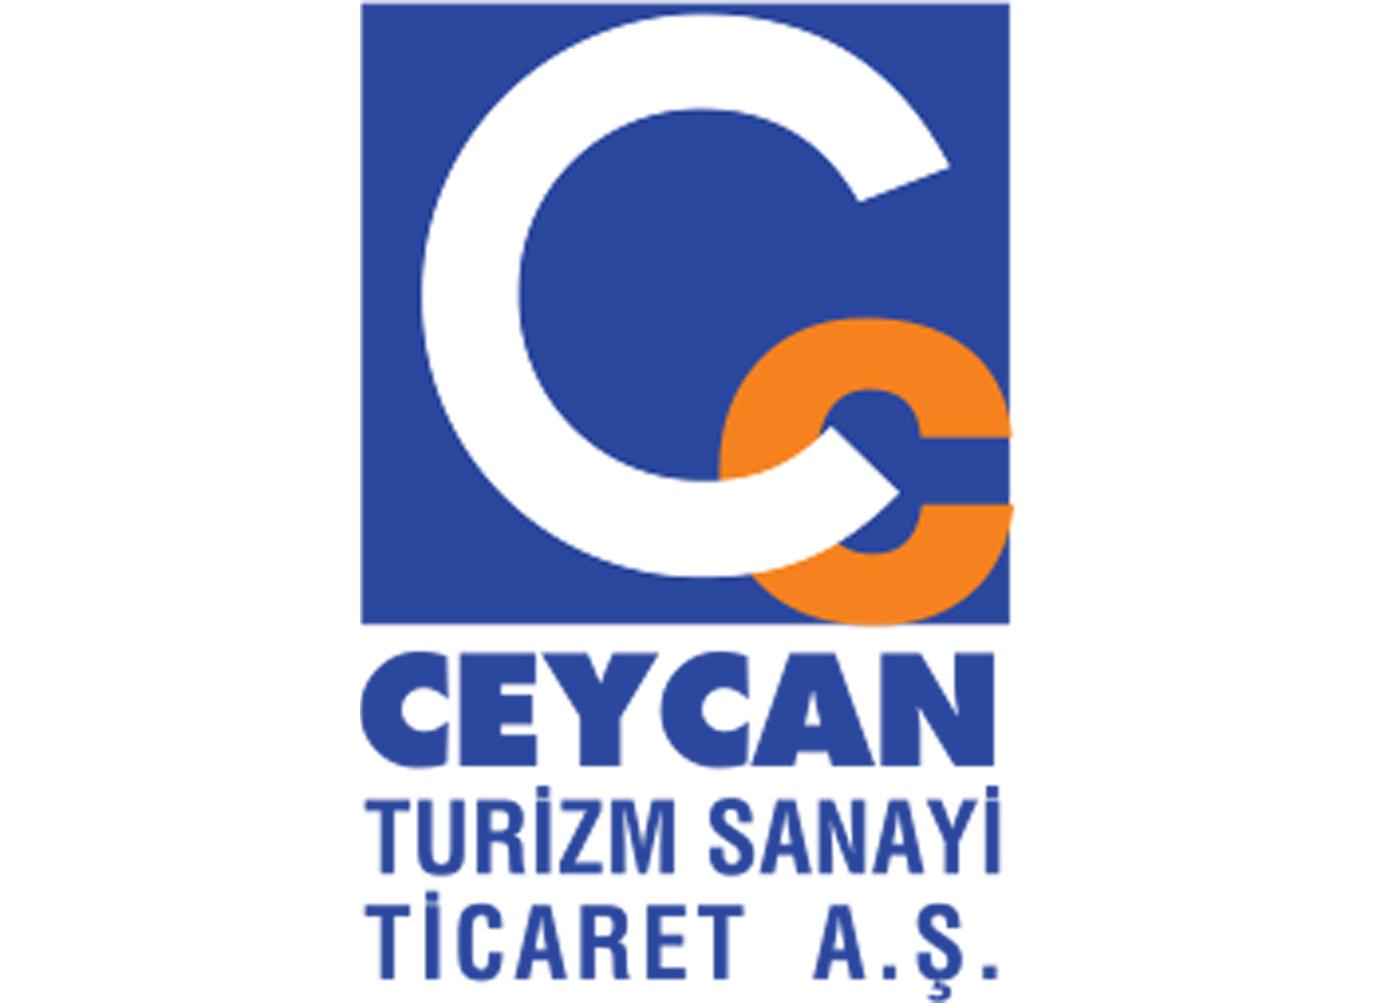 Ceycan Turizm